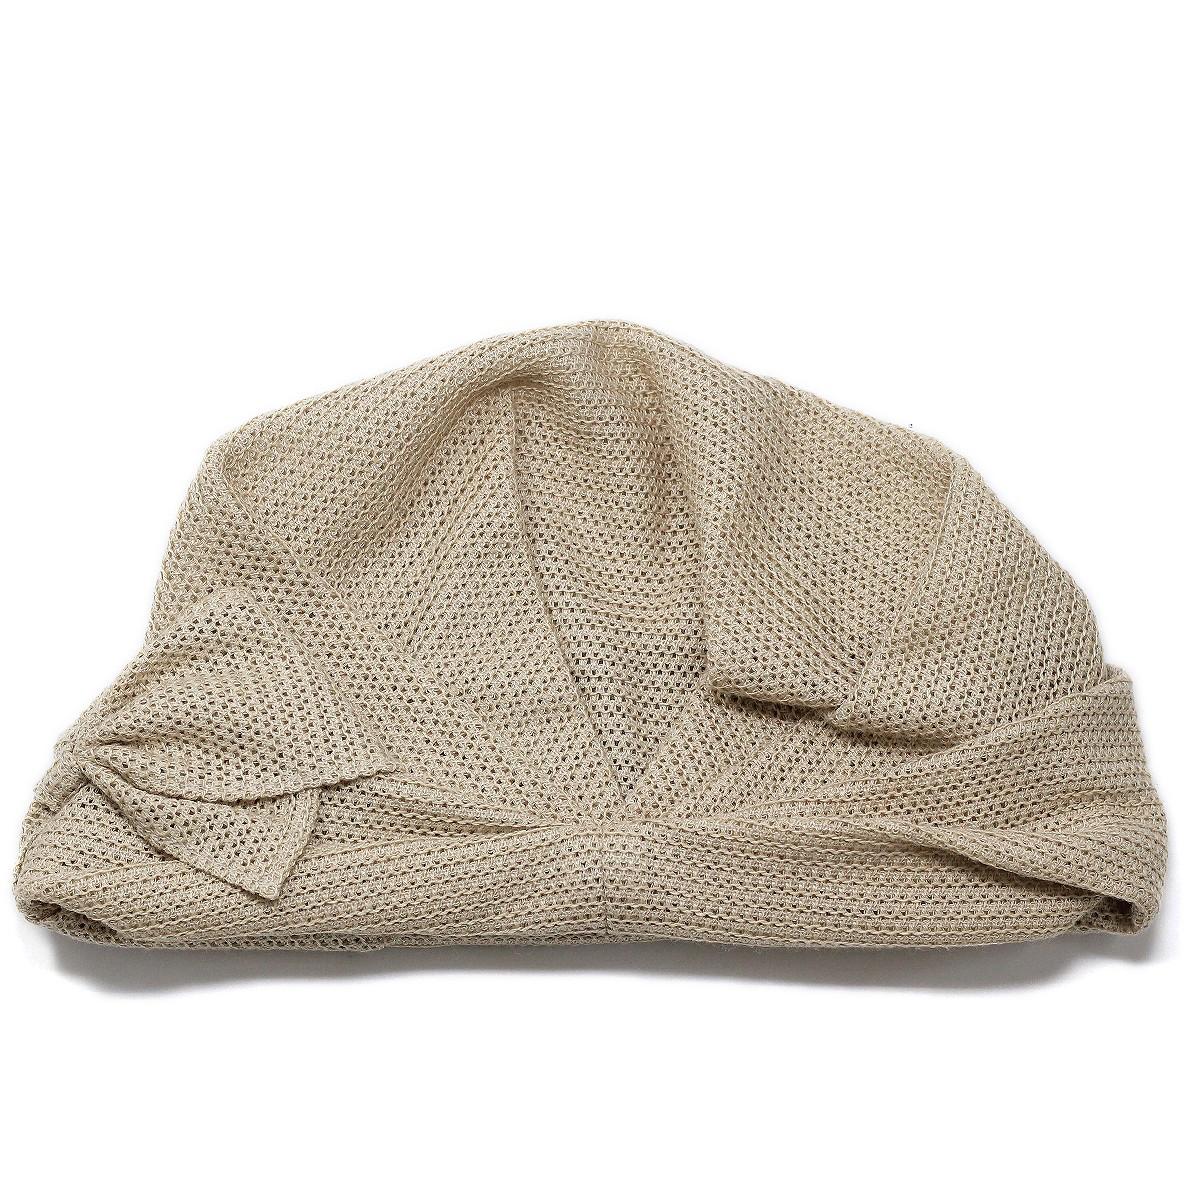 レディース ターバン 帽子 春夏 麻100ニット 春用 夏用 吸湿性の高い生地 ベージュ 婦人帽子 ミセスハット ニット帽 フリーサイズ 40代 50代 60代 70代 ファッション ベージュbeanie capturbanWYE29HDeIb